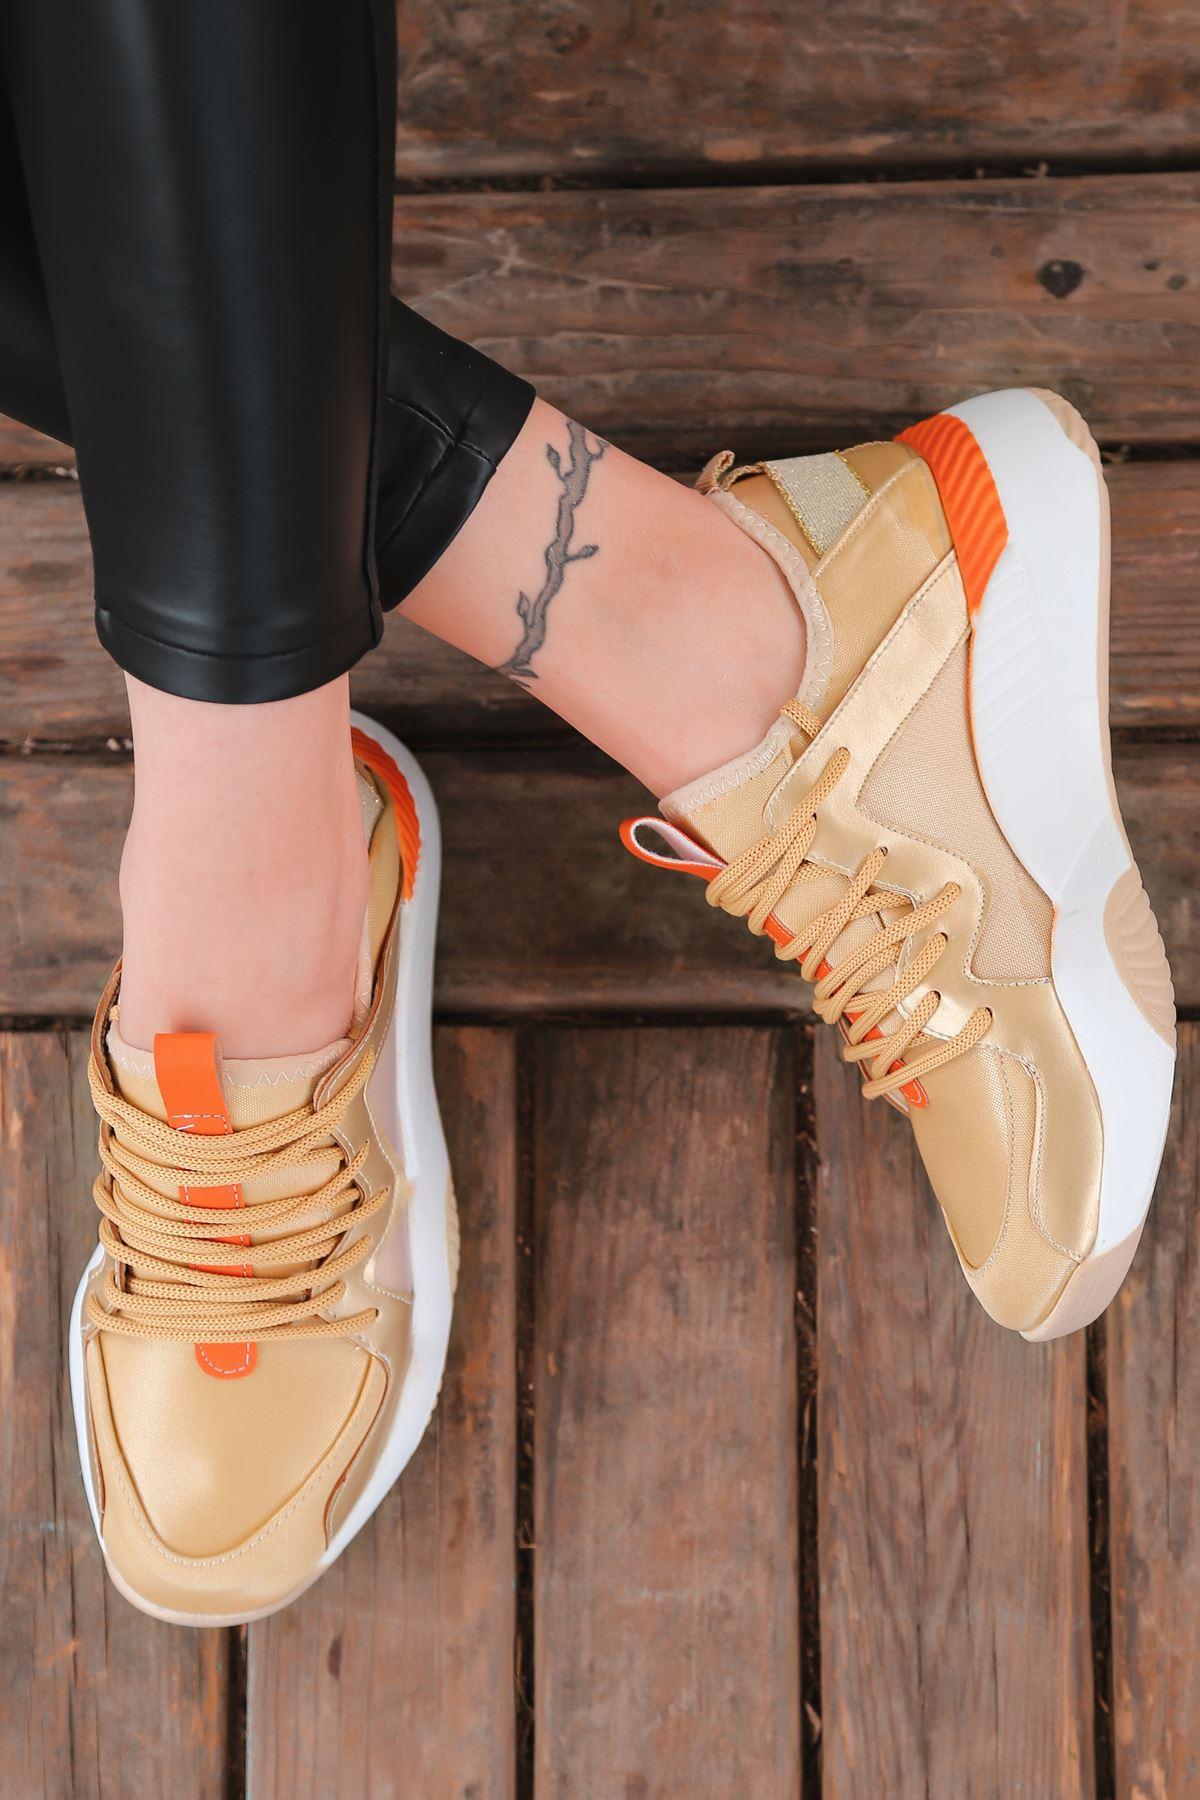 Torres Turuncu Parçalı Bağcık Detaylı Gold Kadın Spor Ayakkabı